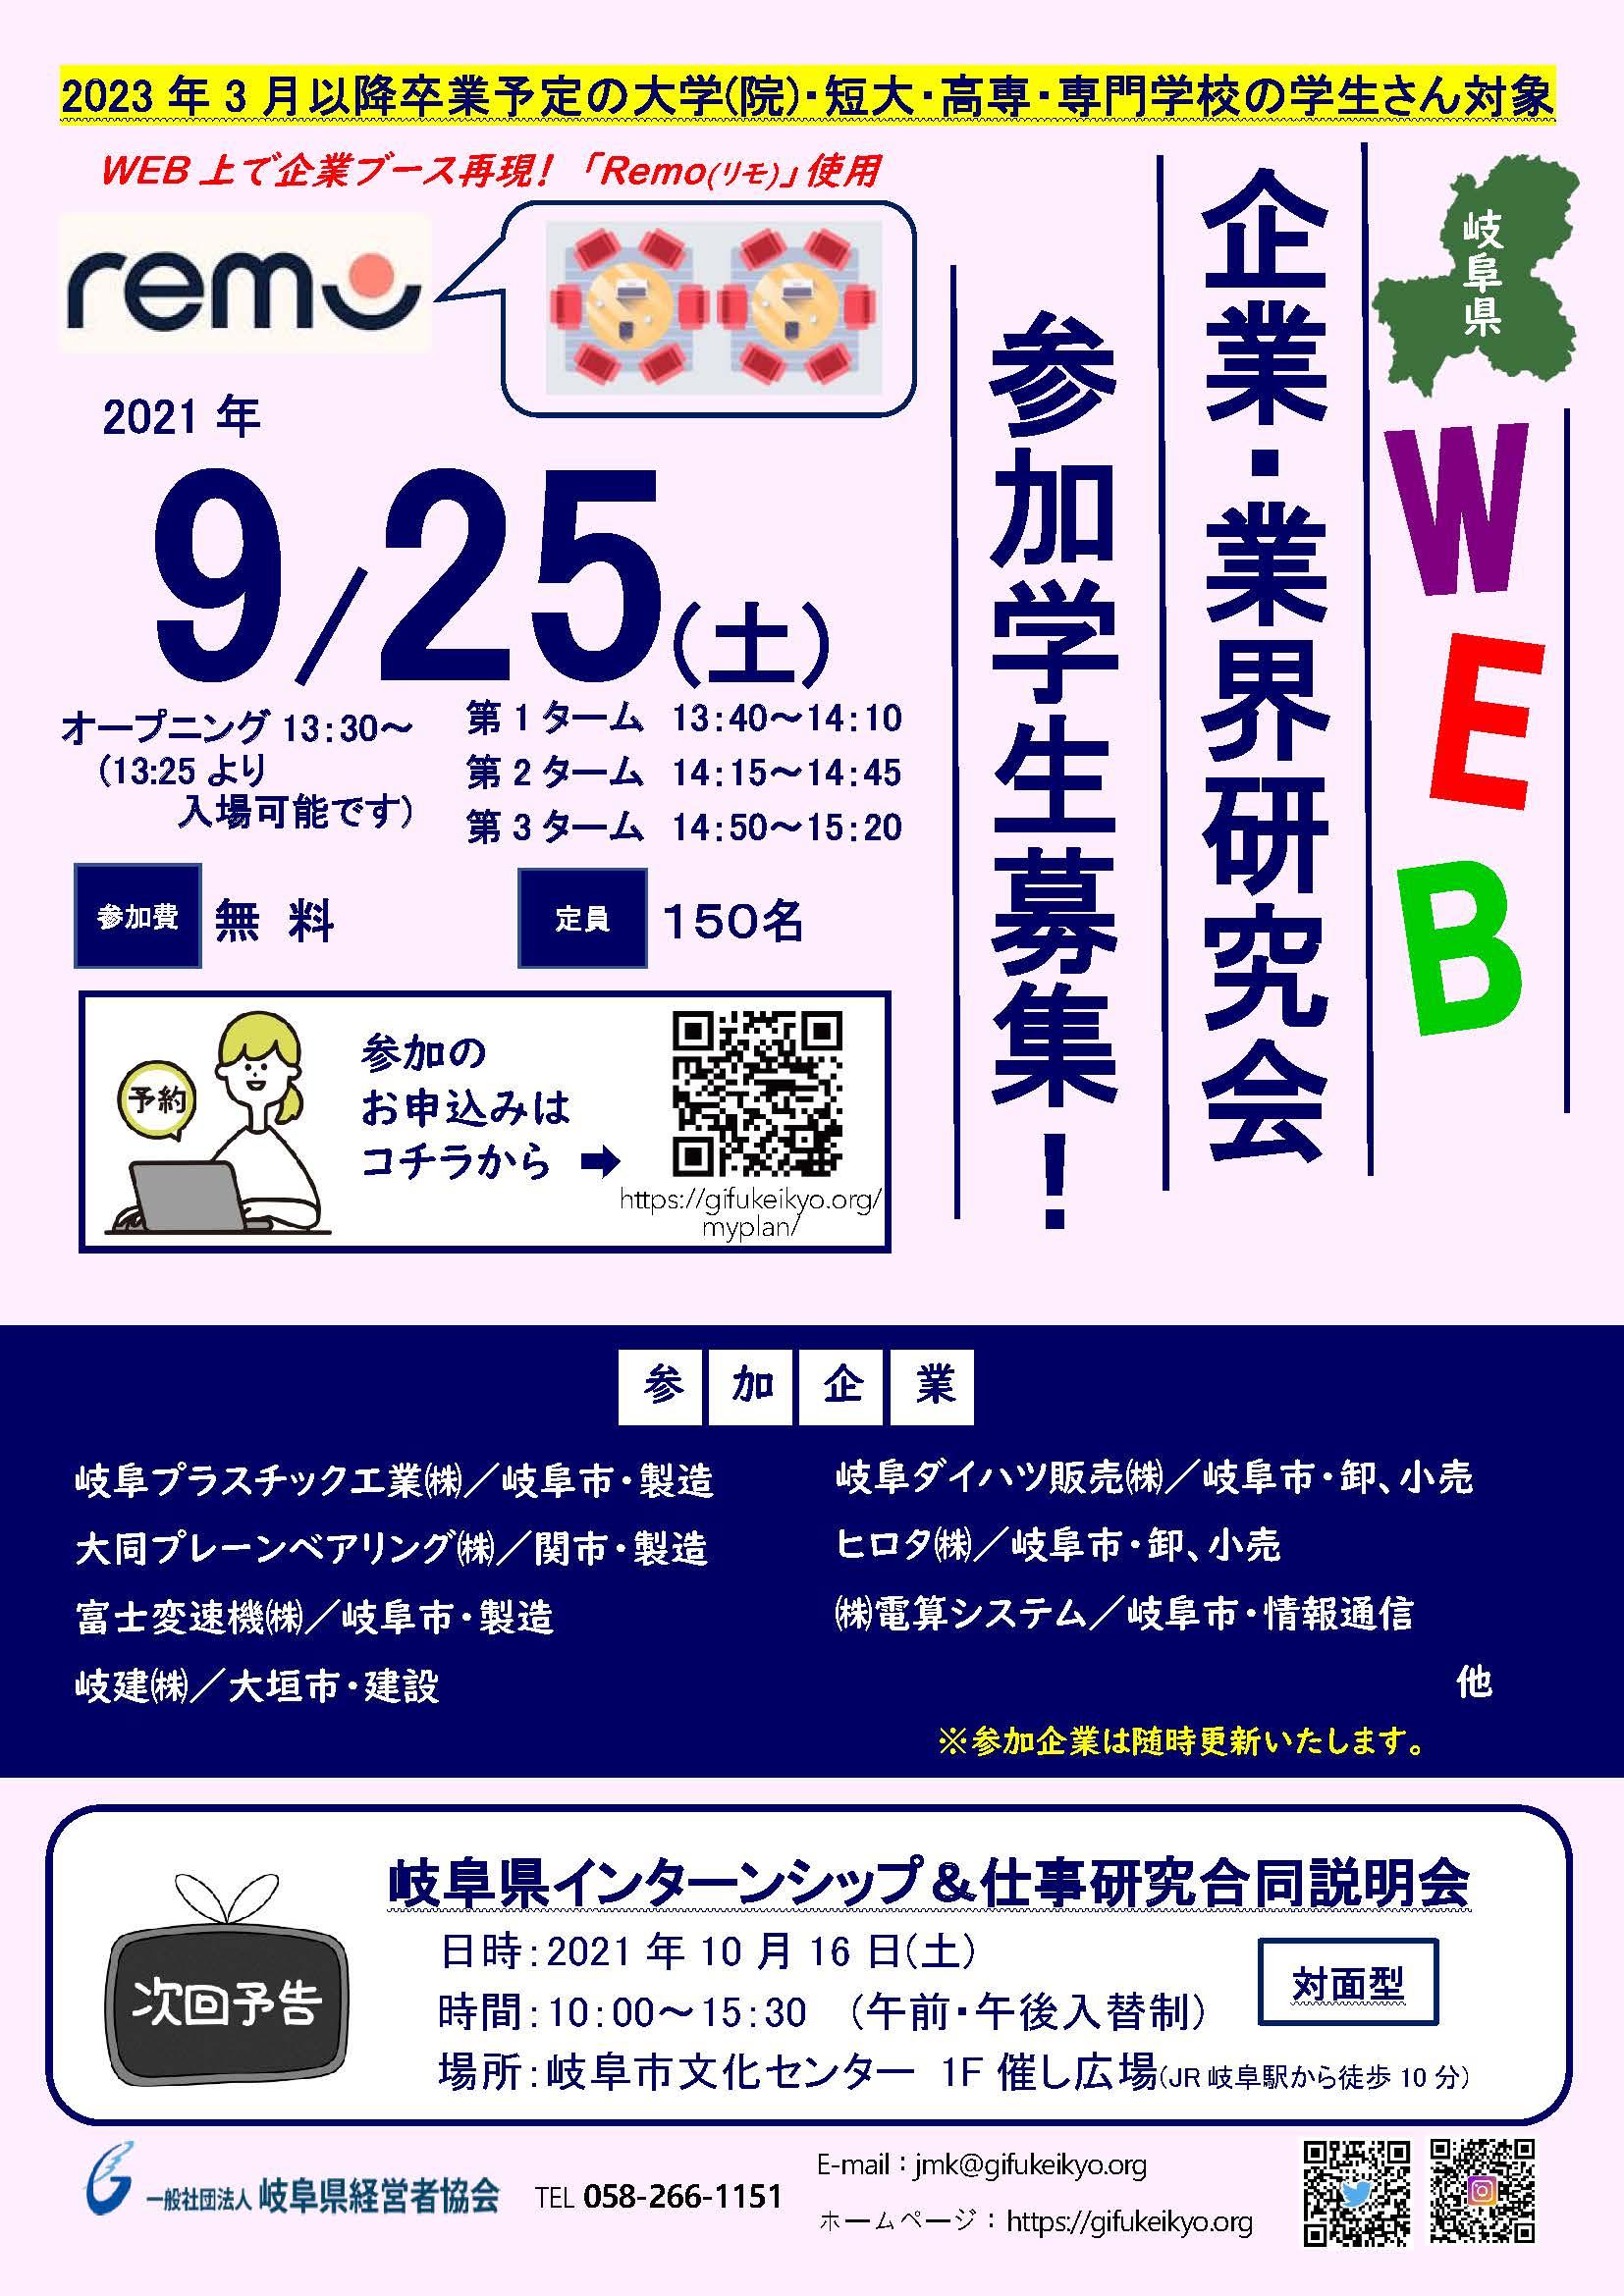 岐阜県WEB企業・業界研究会